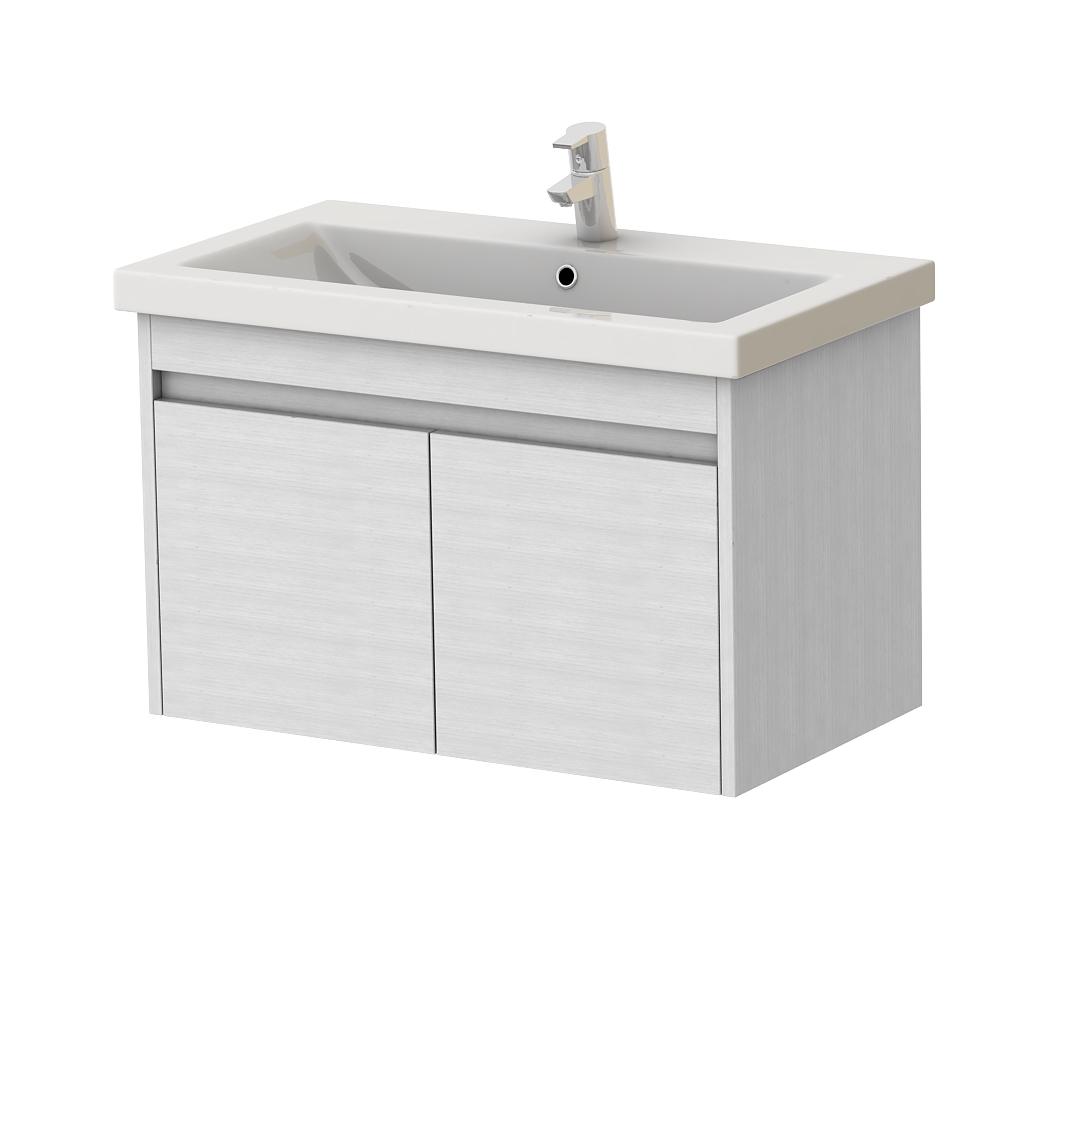 Kúpeľňová skrinka na stenu s umývadlom Juventa Ravenna Rv-80 (biela)